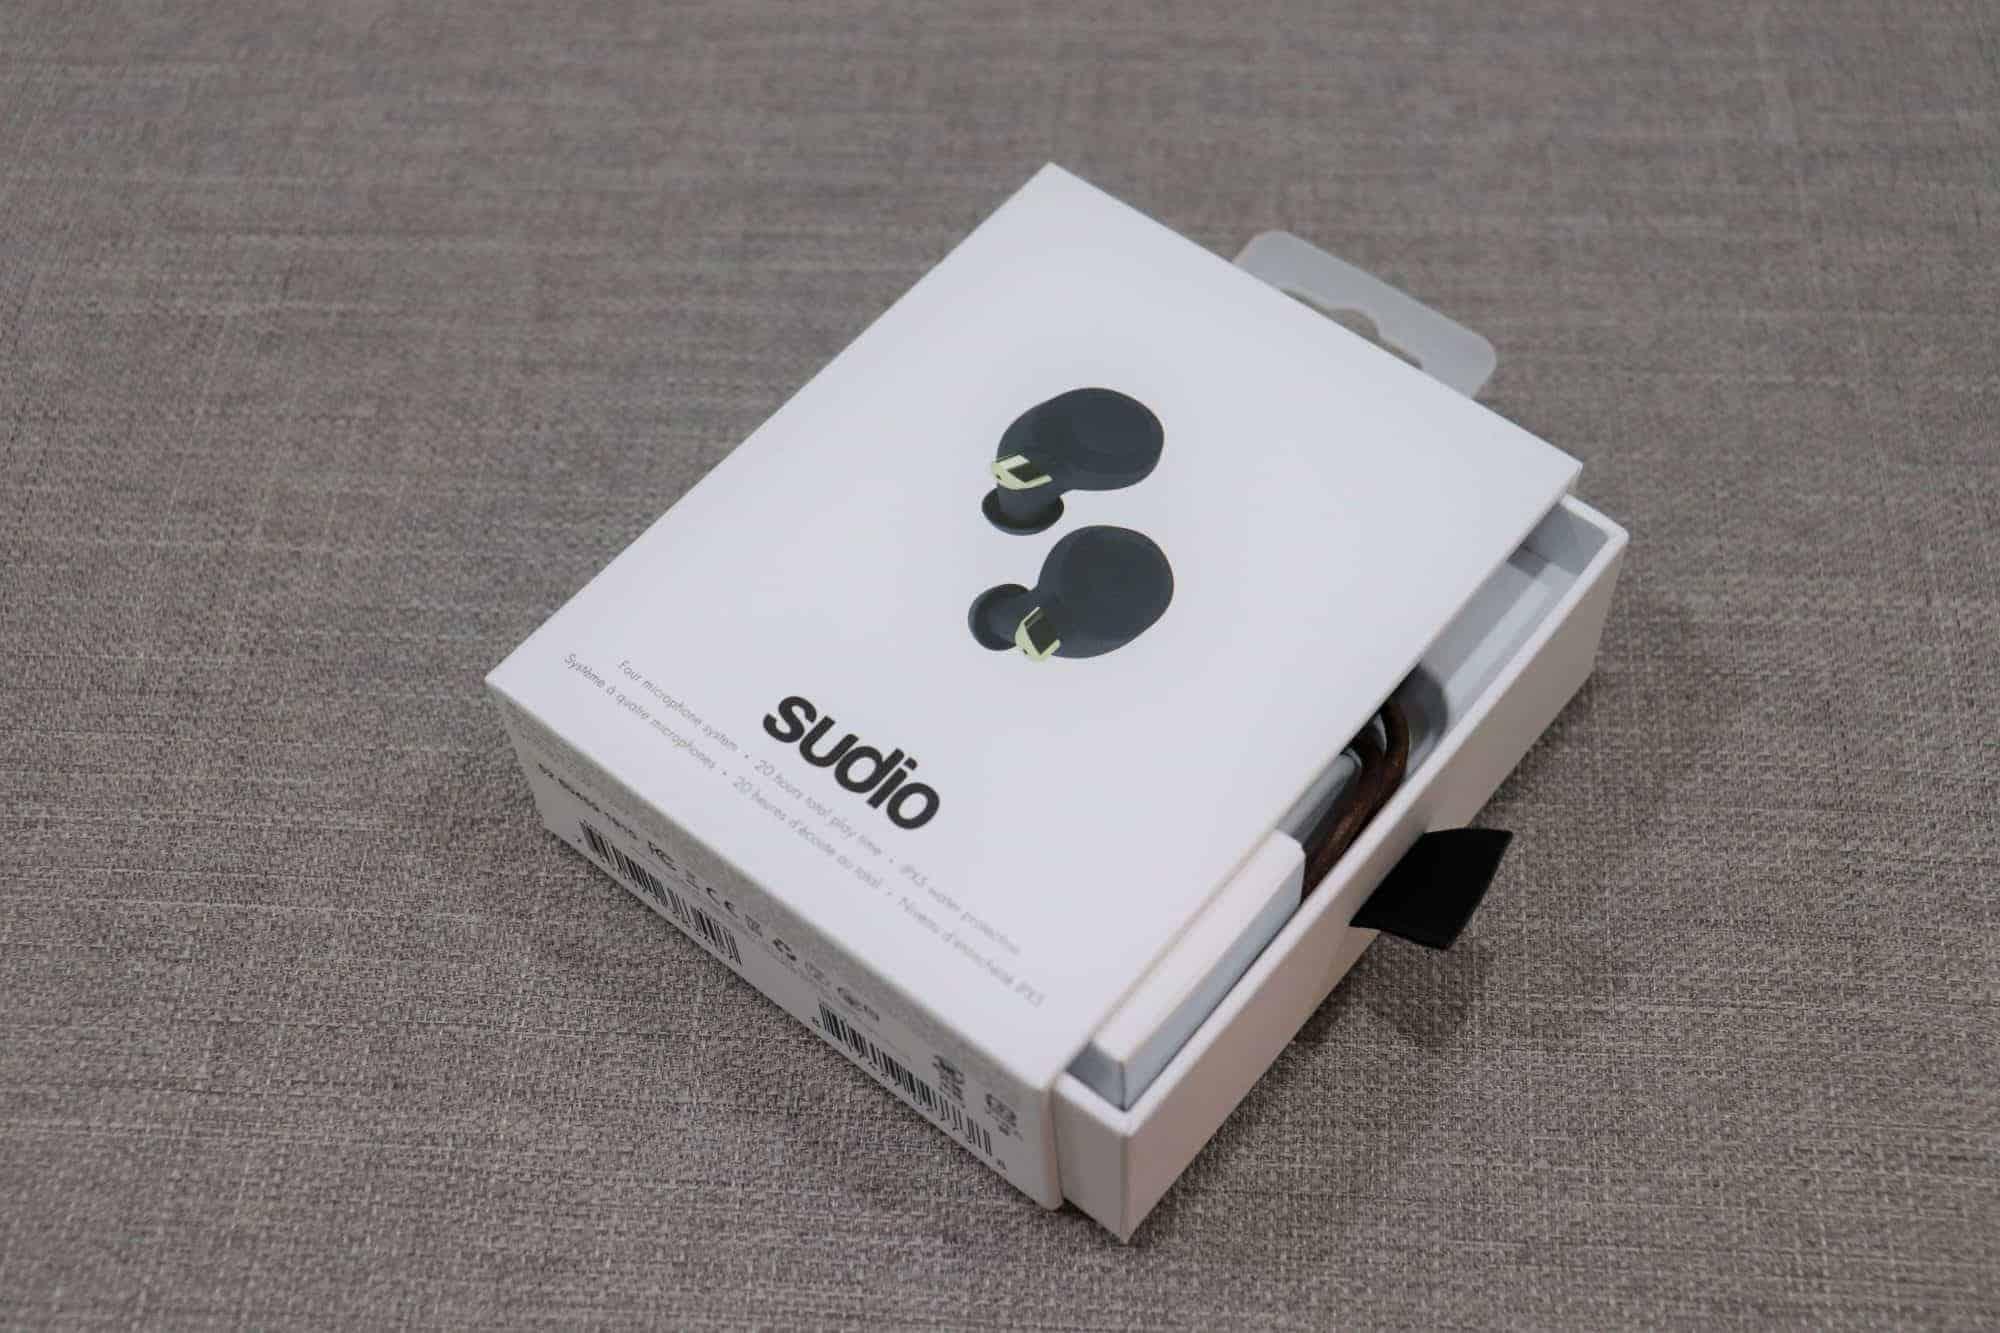 有史以來最潮設計,功能再進化! Sudio Fem真無線藍牙耳機推薦-TechTeller (科技說)